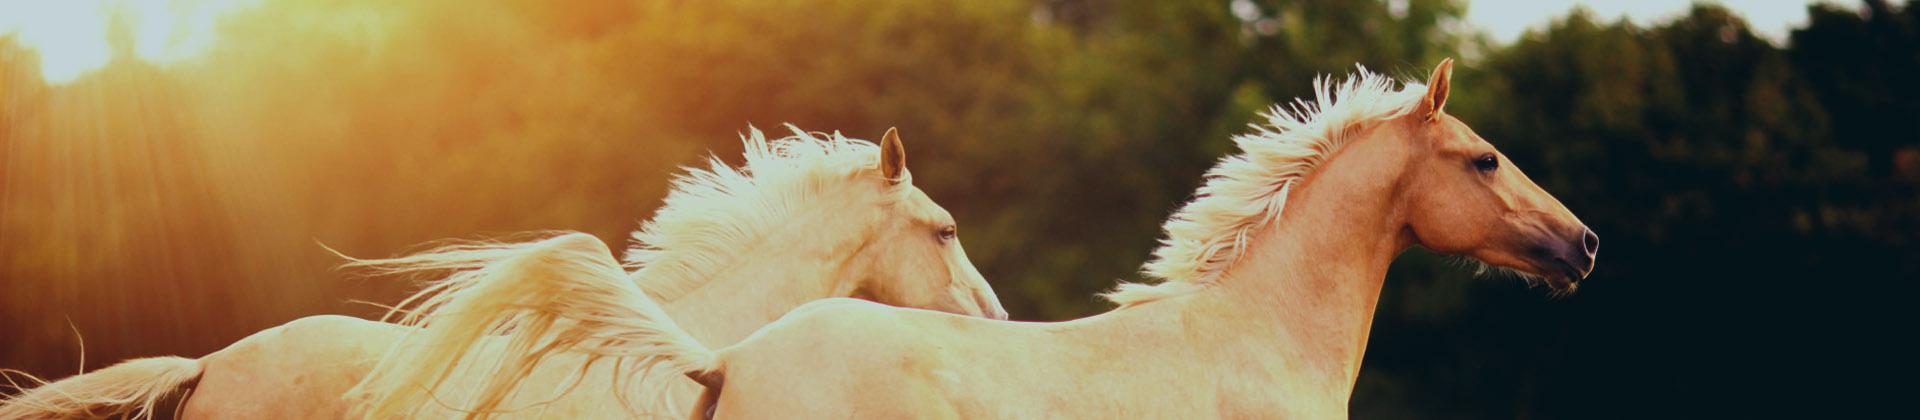 Takarmánykiegészítő megoldásokat kínálunk a lovak egyedi igényei szerint.